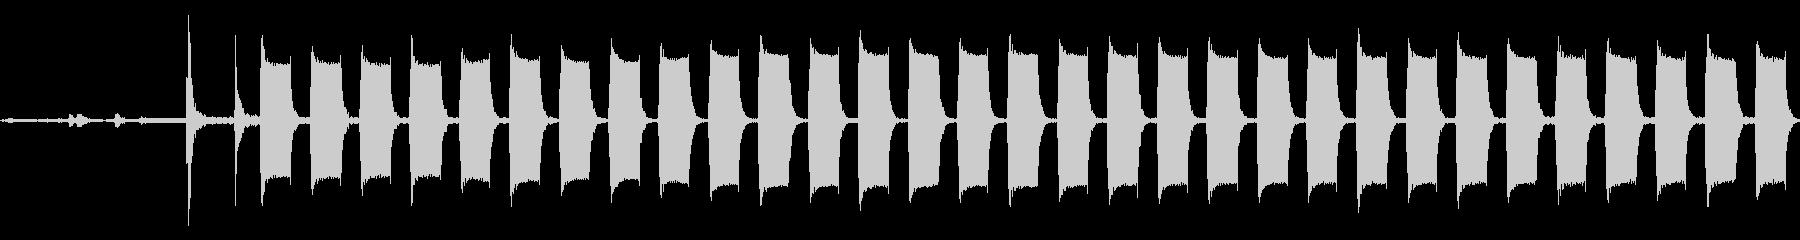 レンジローバーSUV:INT:イグ...の未再生の波形